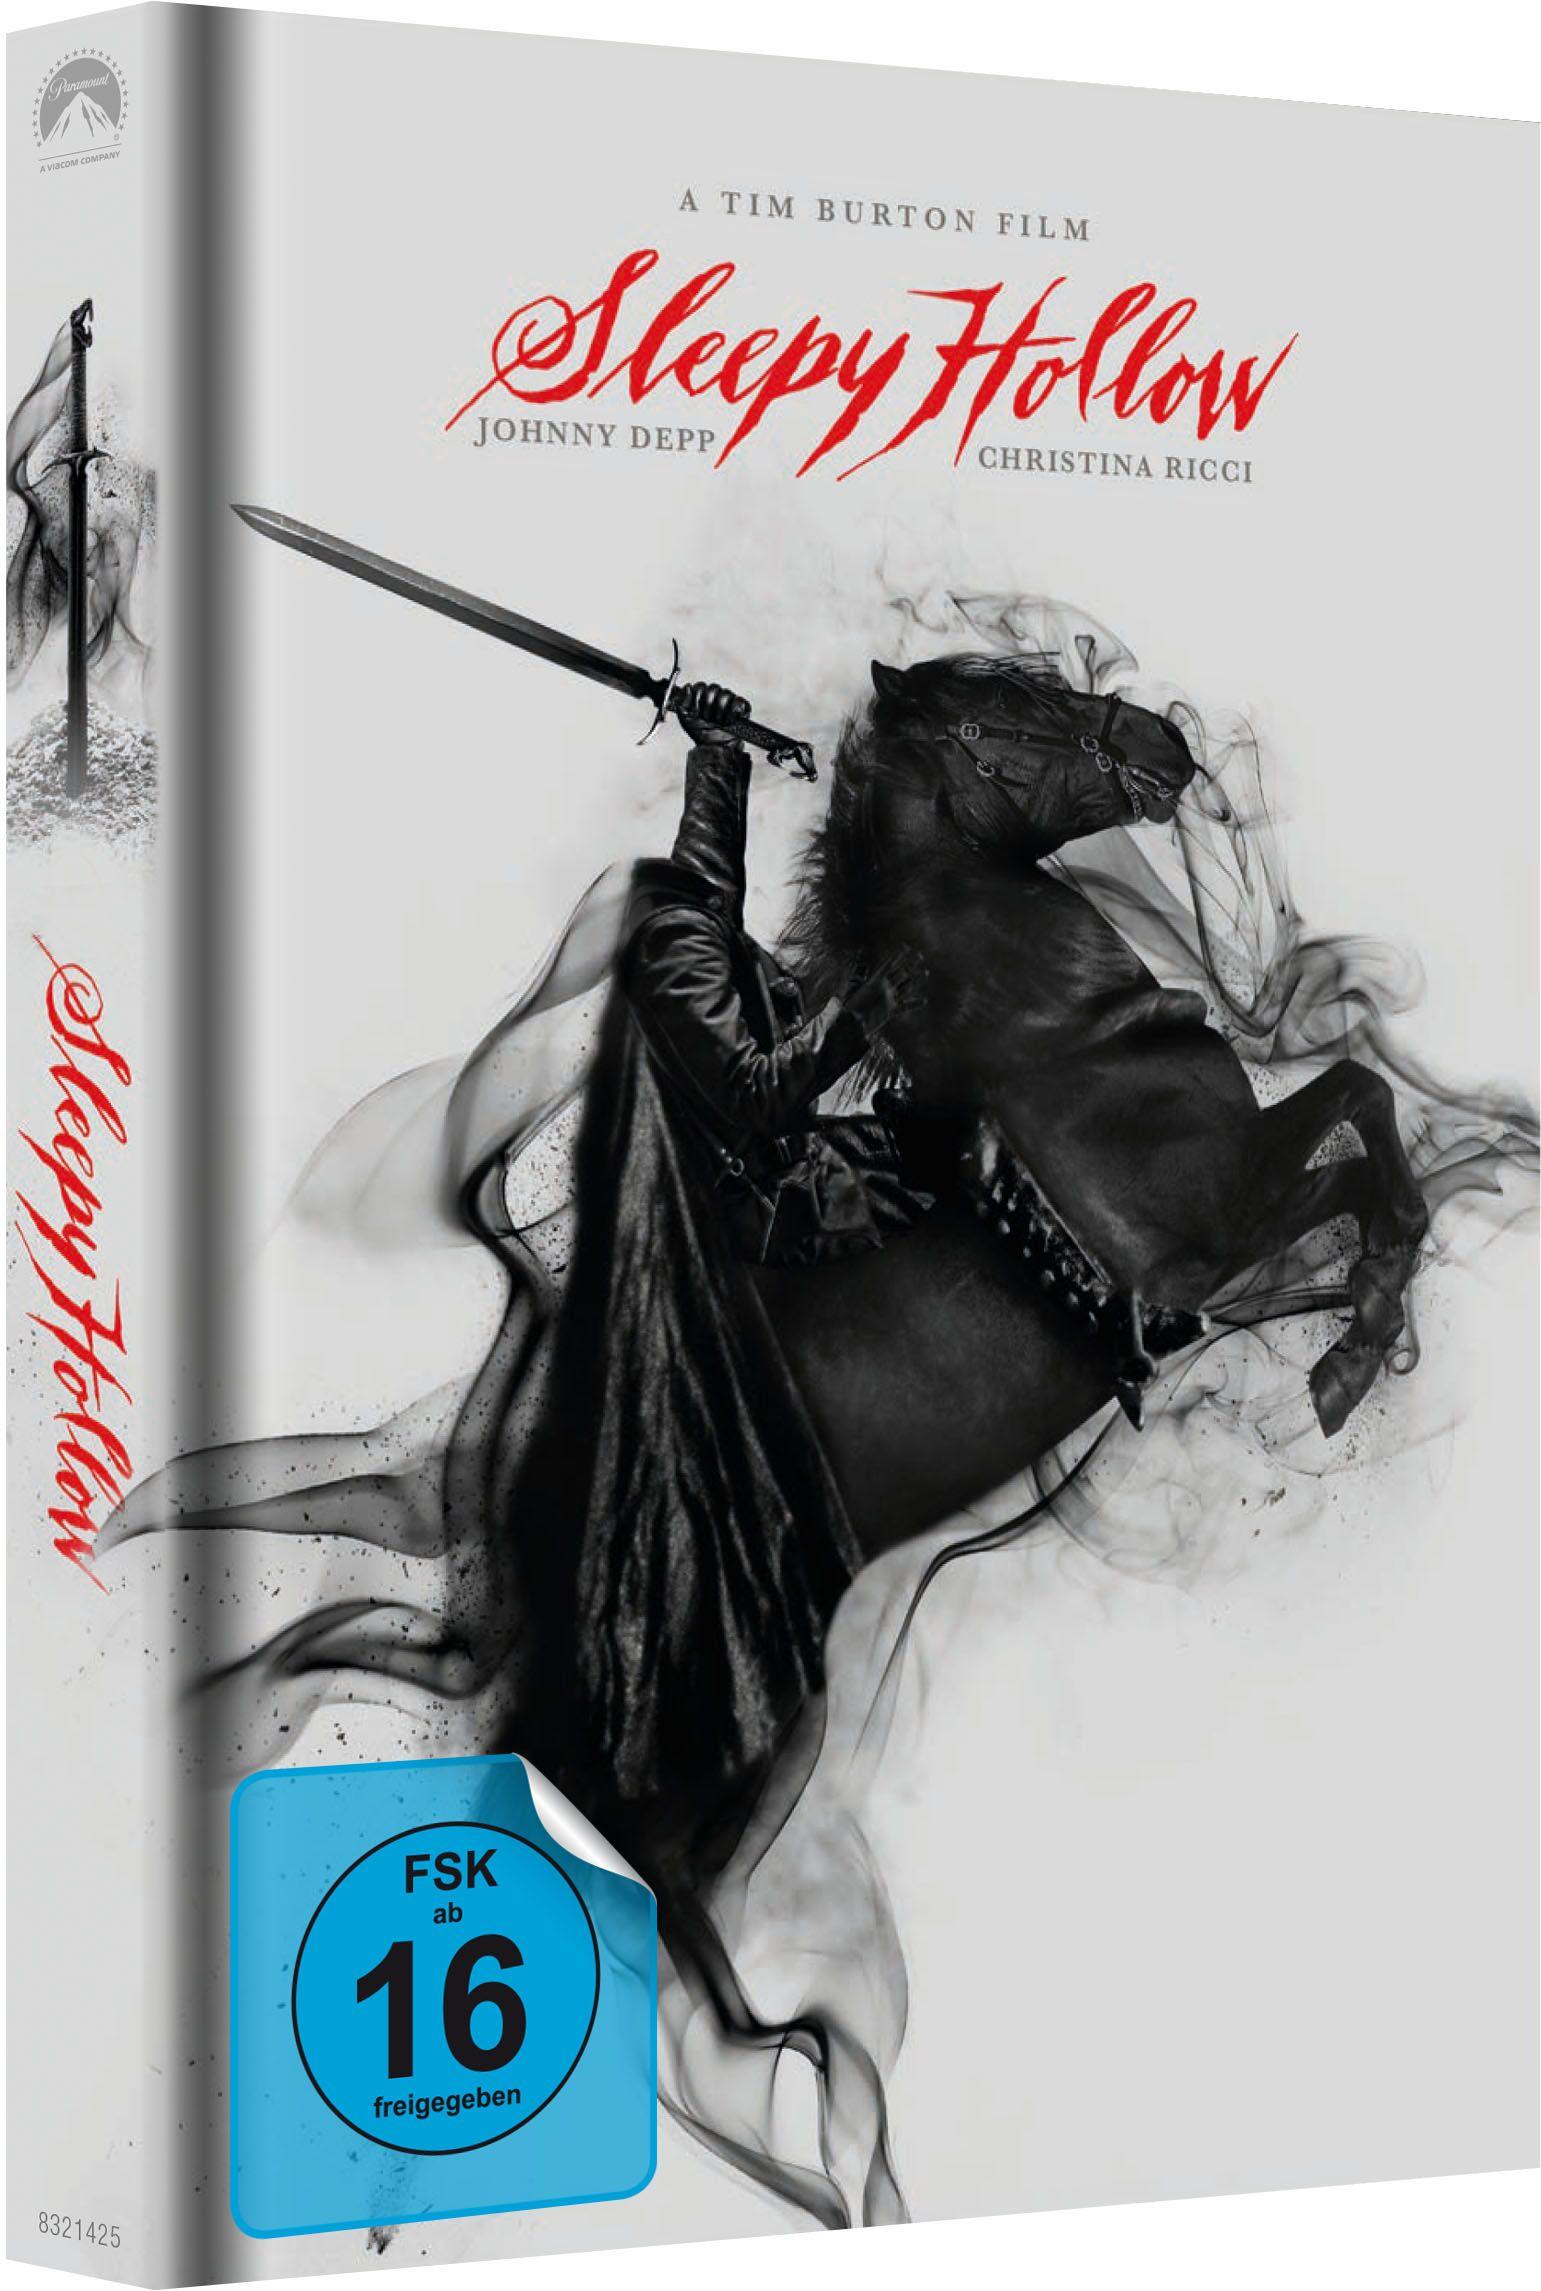 Sleepy Hollow im schicken weißen Mediabook